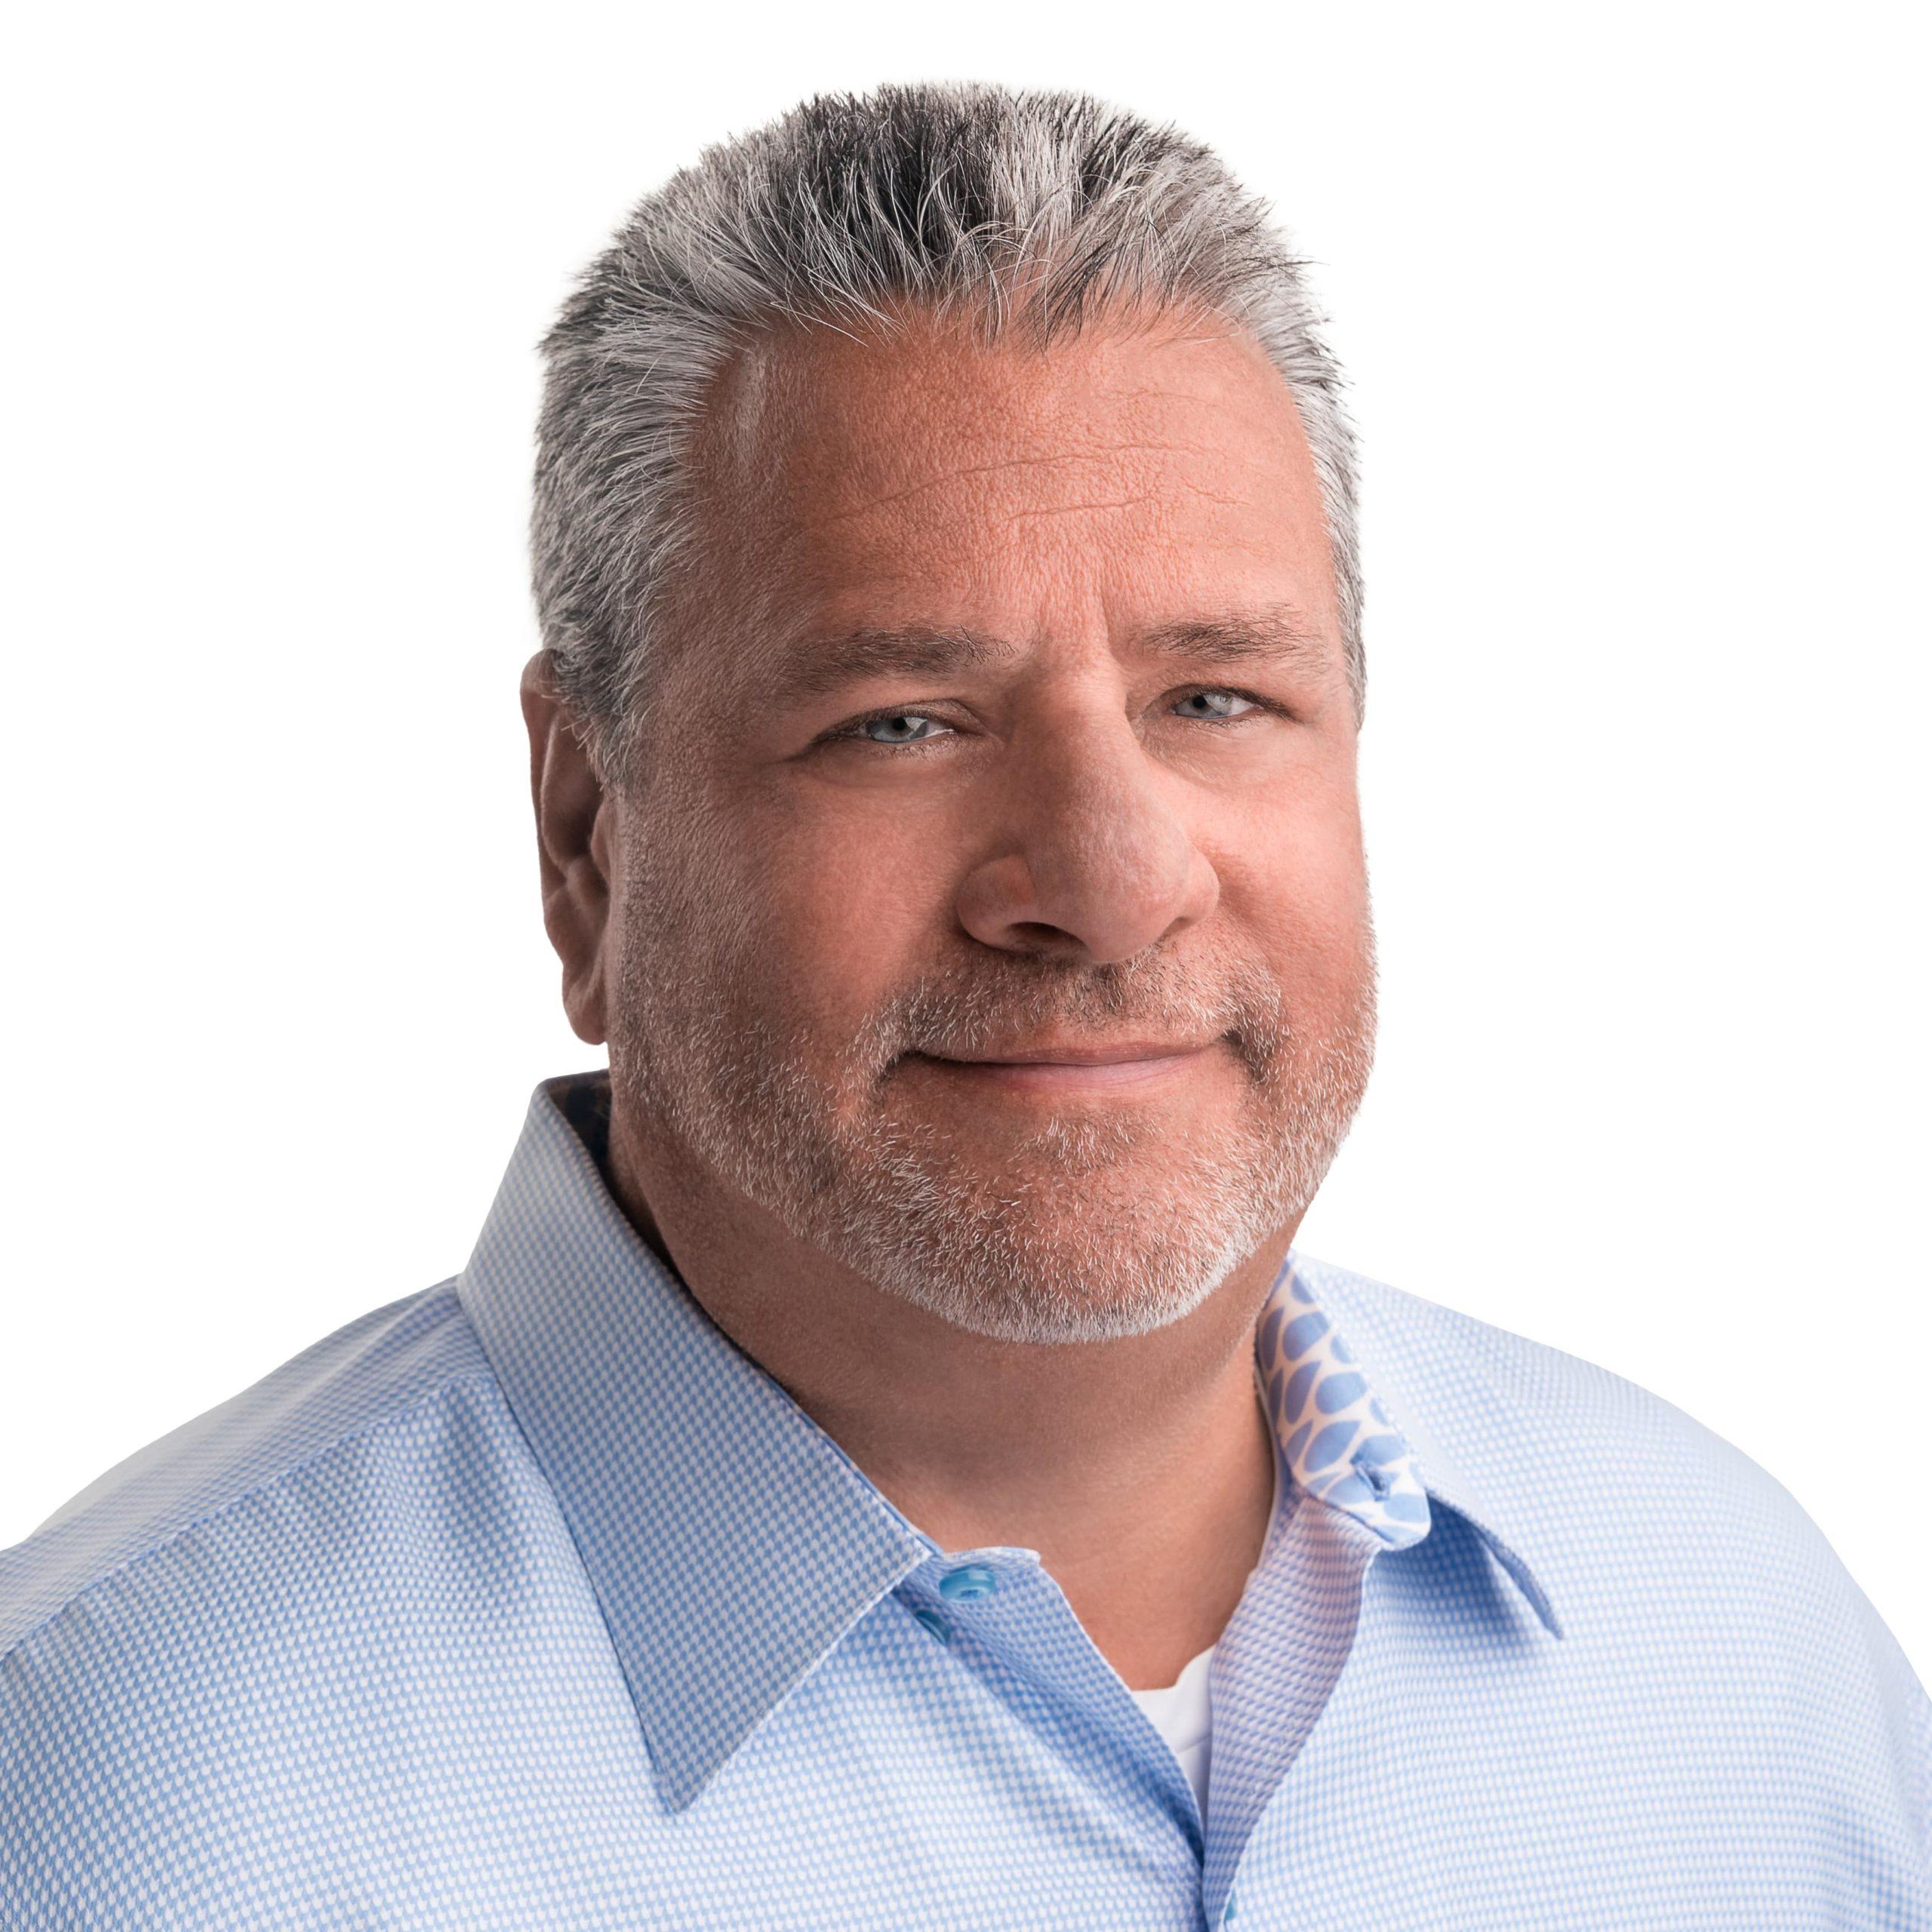 Jim Pavone